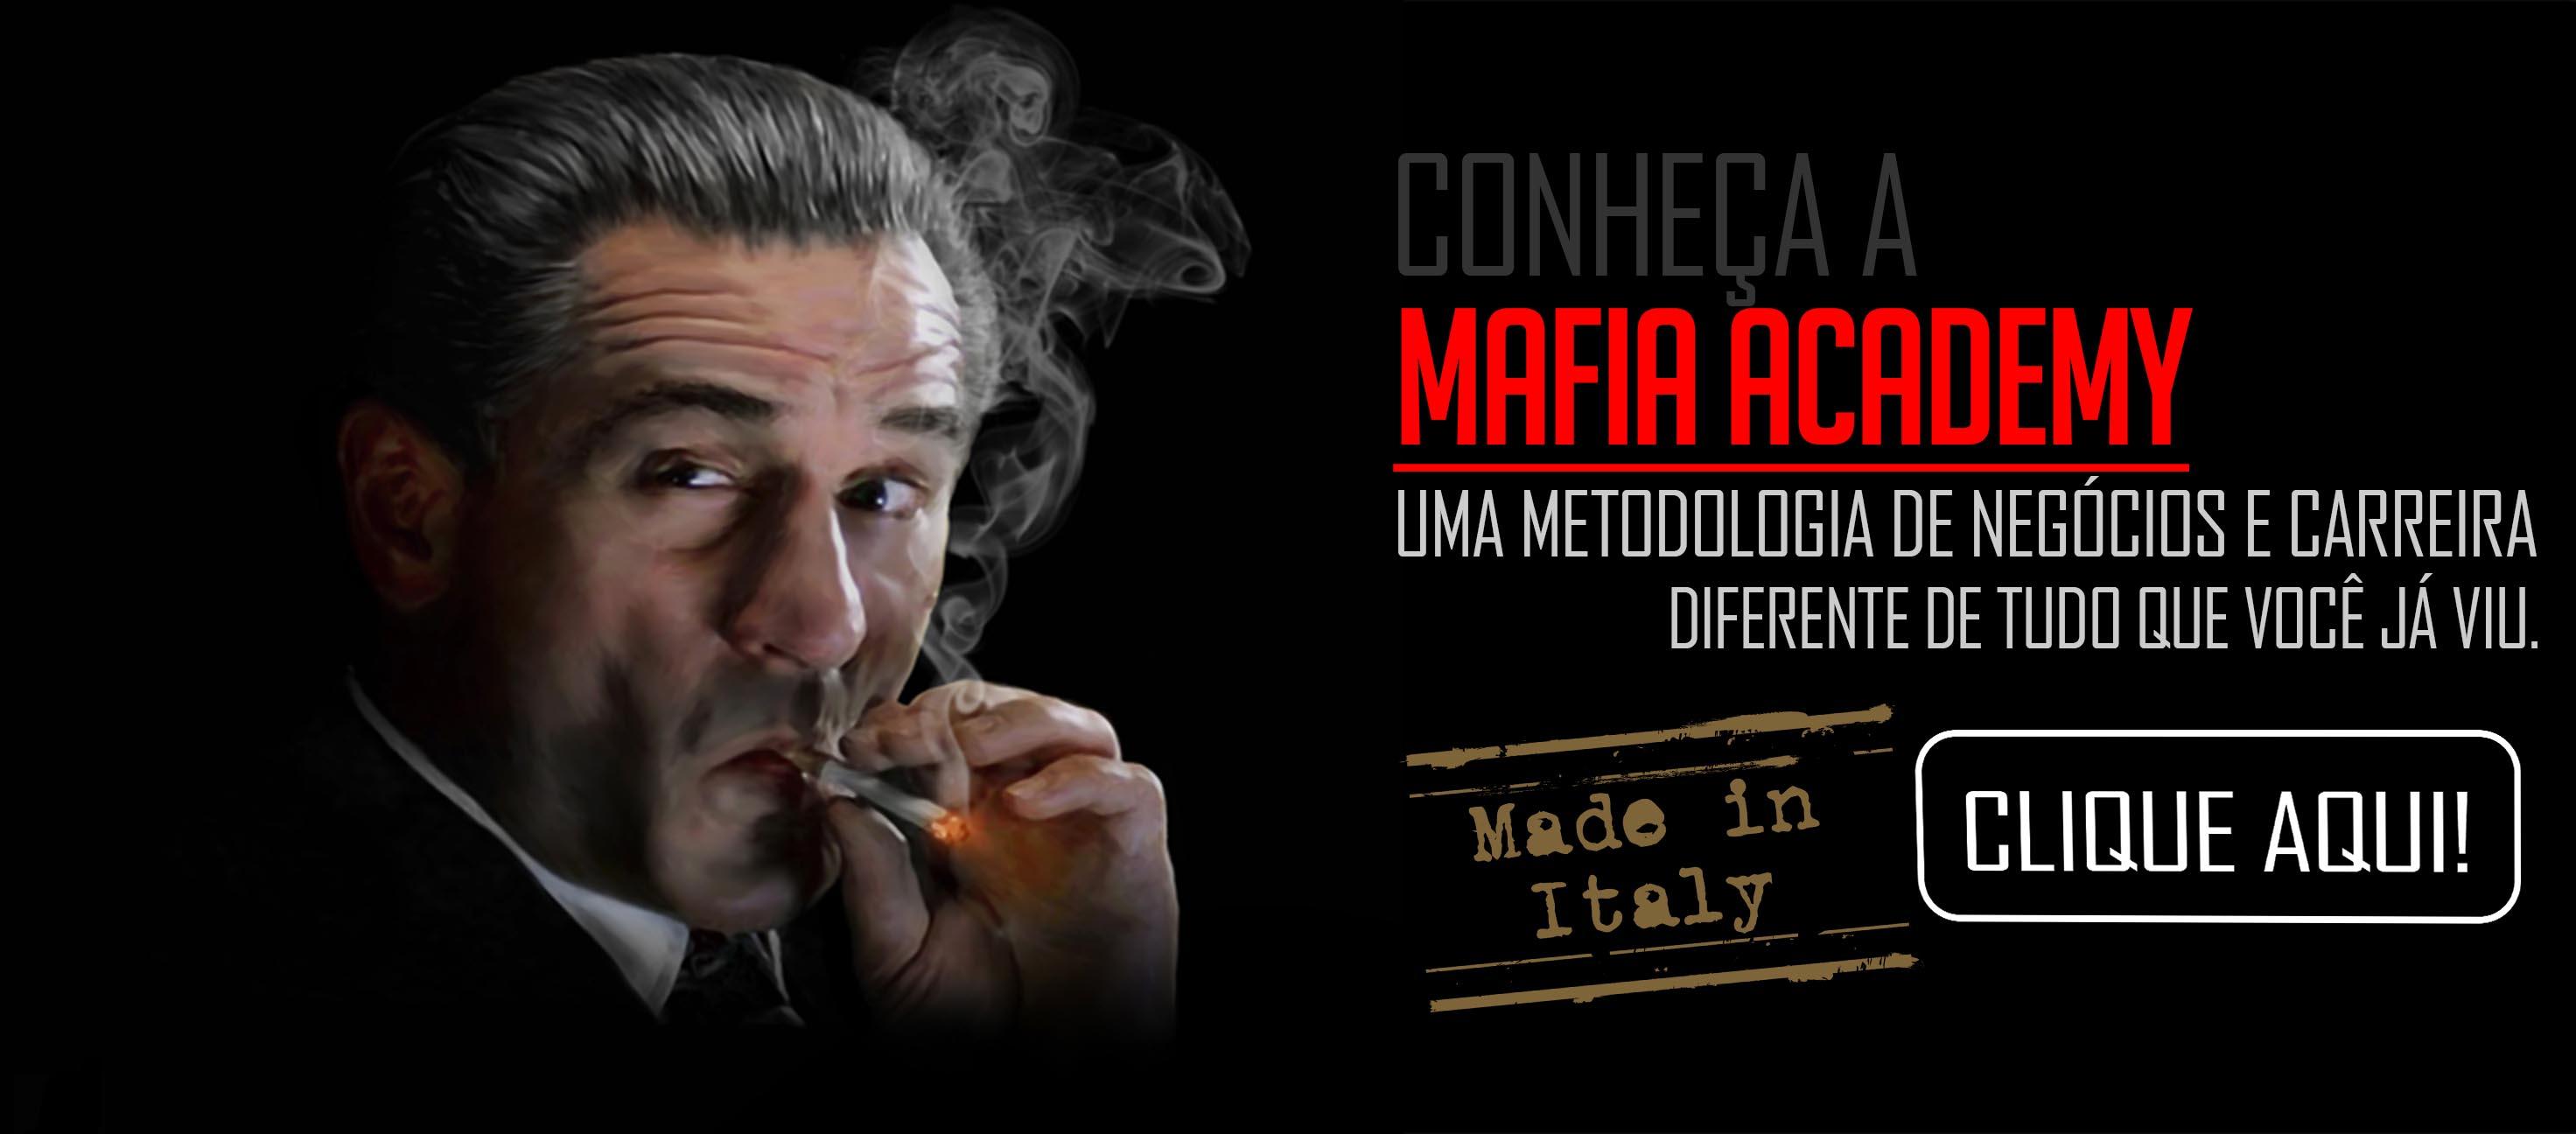 Mafia Academy